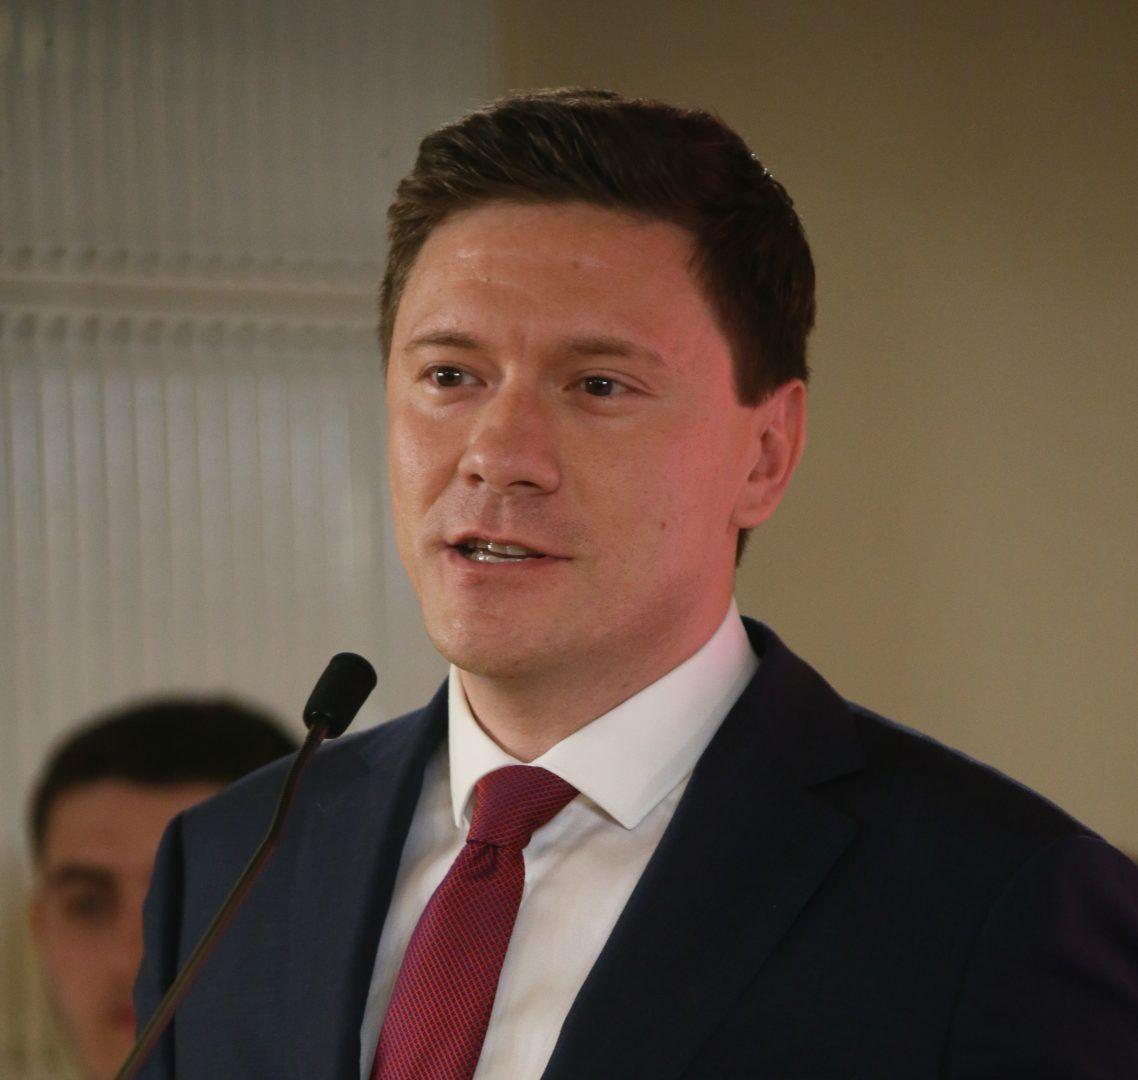 Руководитель Центра качества городской среды Александр Козлов уверен, что сэкономить на платежах за коммуналку можно. Фото: Владимир Смоляков